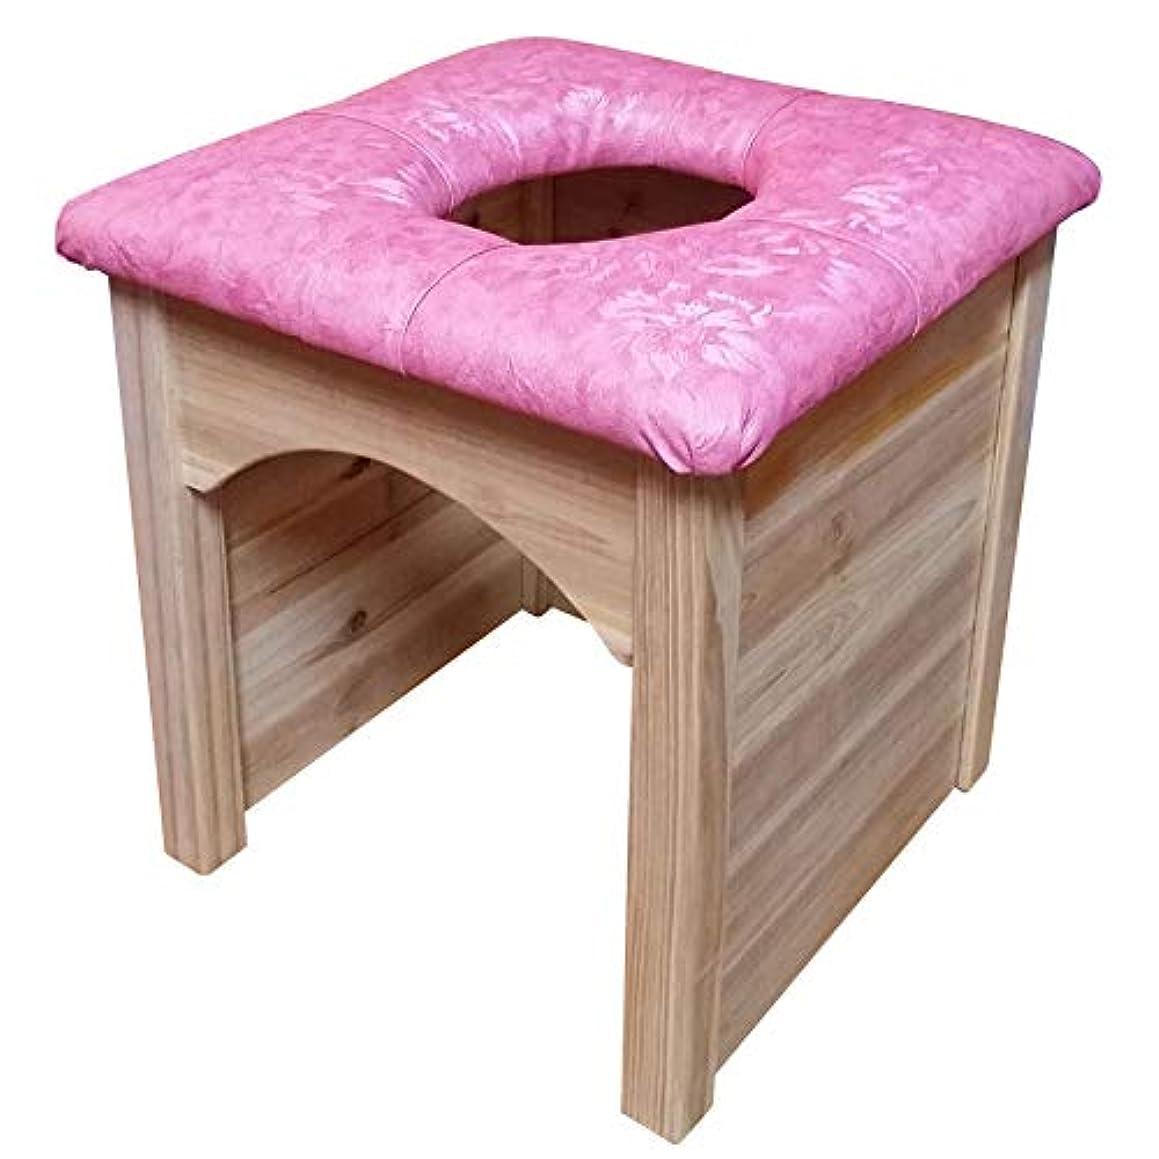 持つネーピア部屋を掃除する正品、、お勧めの、ヨモギ蒸し椅子セット、よもぎ蒸し椅子 単品